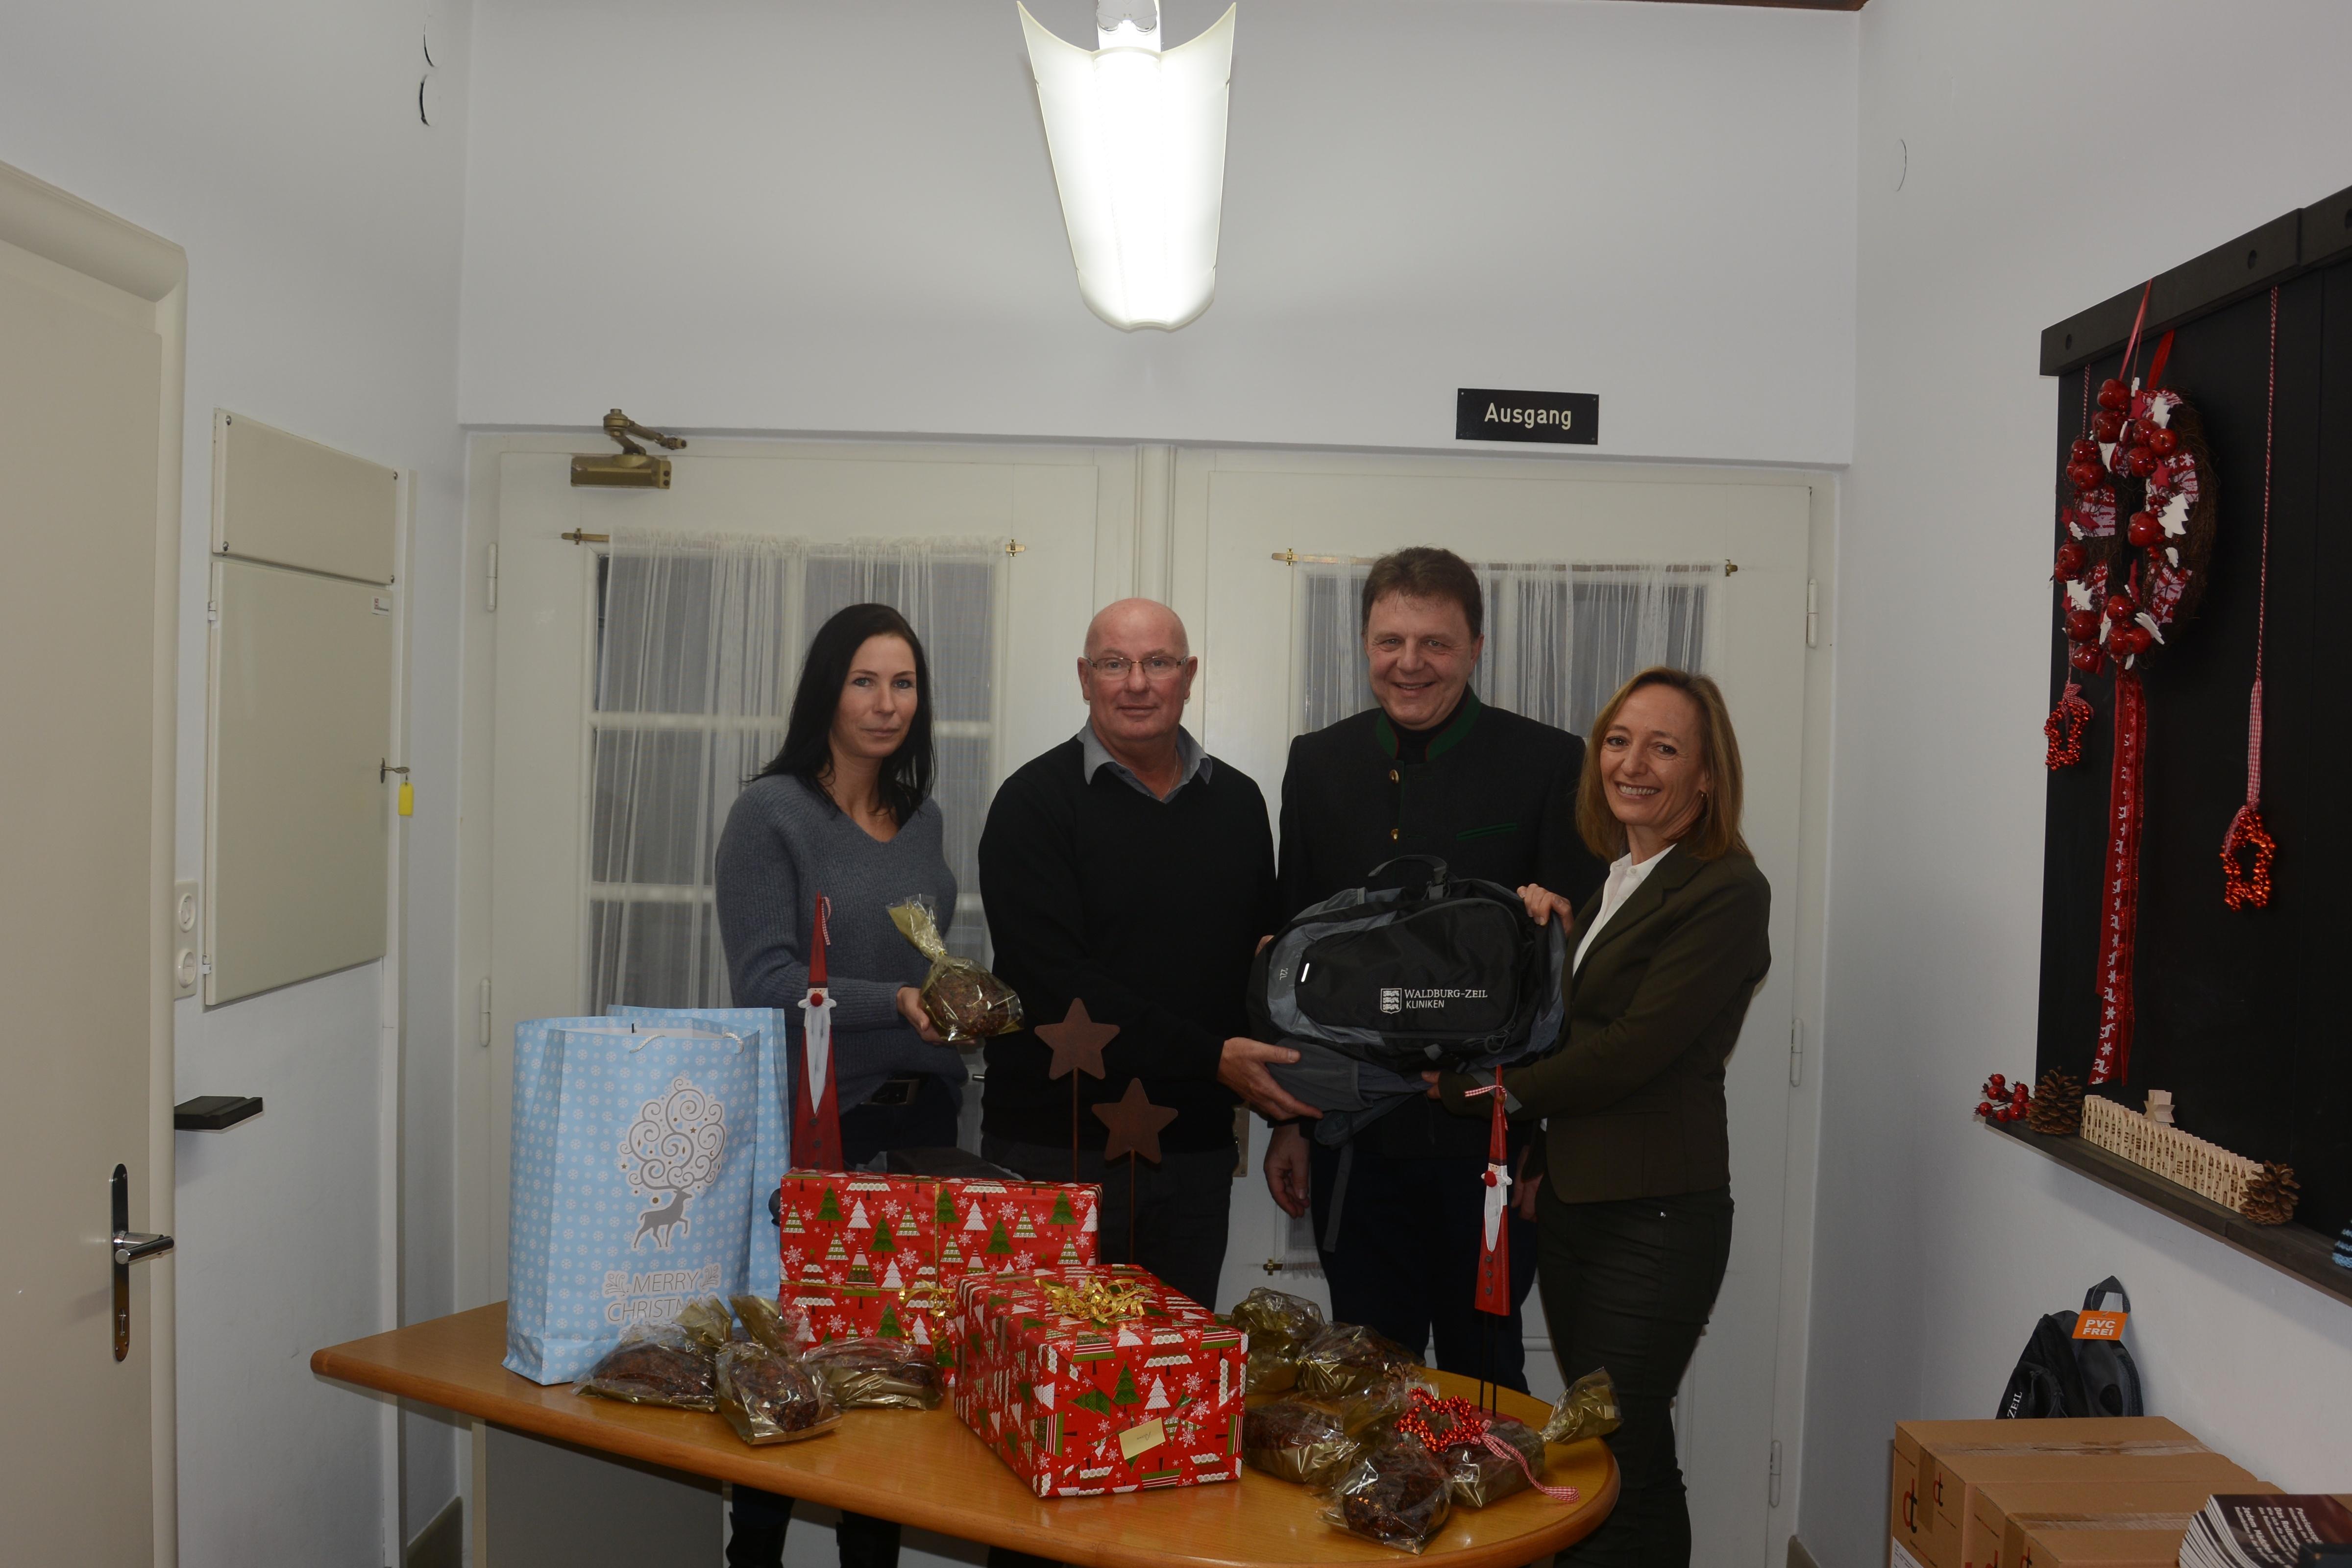 Bregenz: Sozialbetreuerinnen als Weihnachtsboten unterwegs!